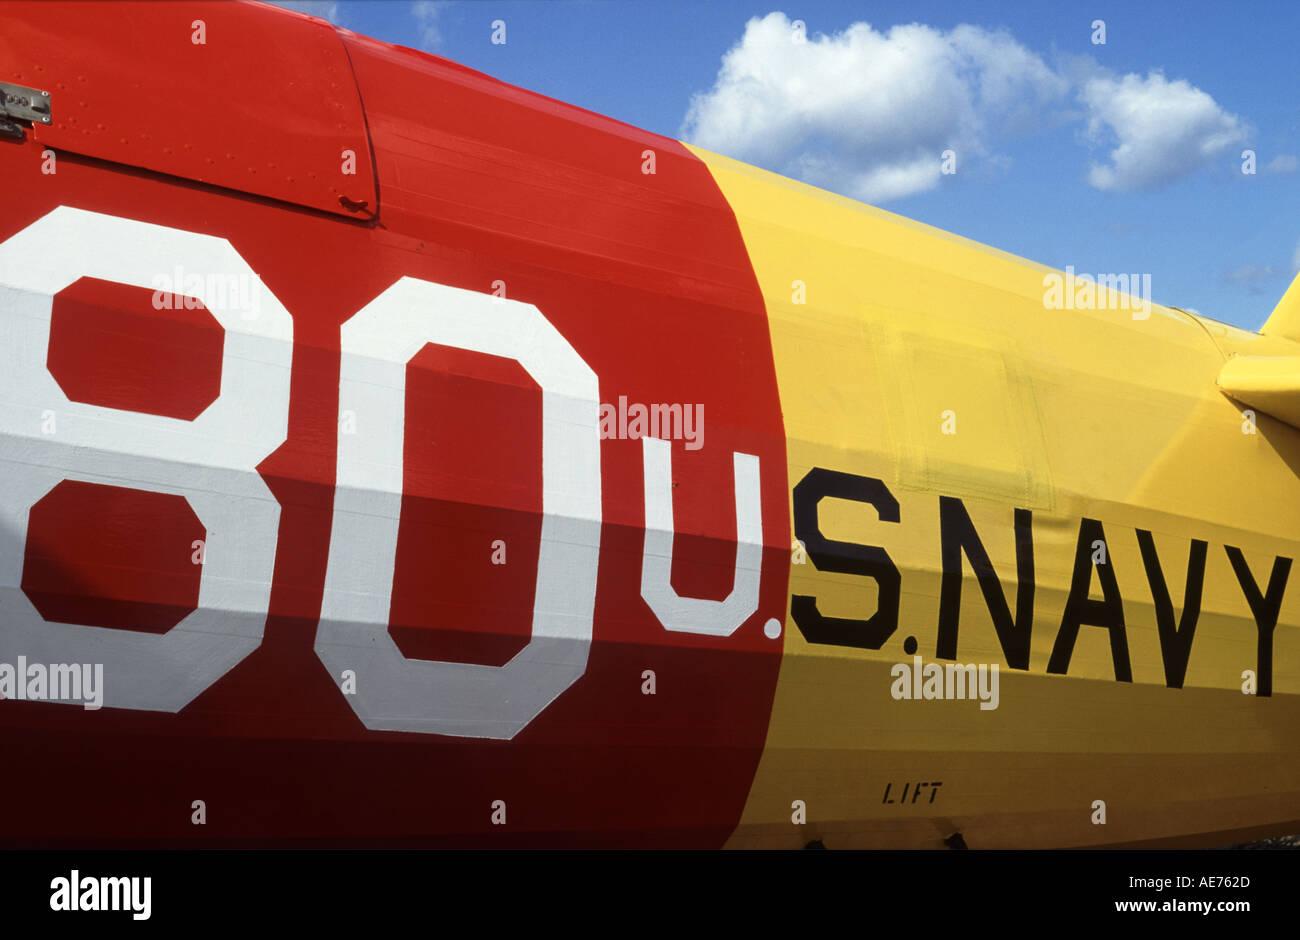 Fuselage Markings on Stearman Biplane - Stock Image